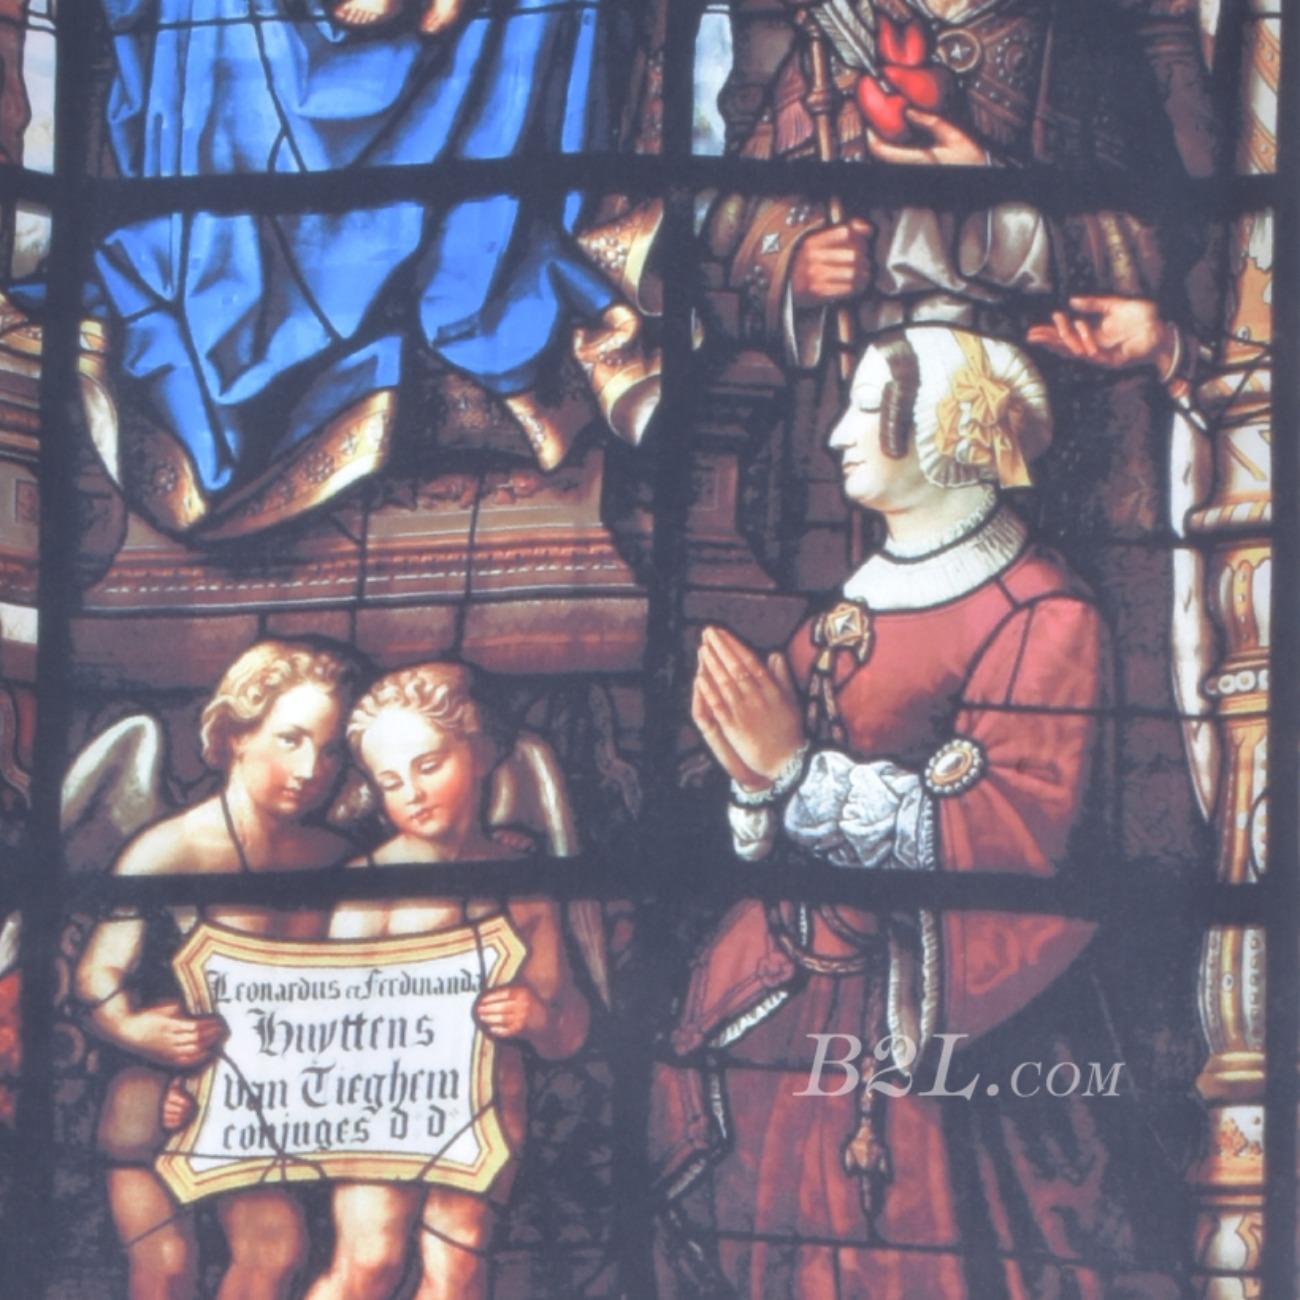 印花 色织 染色 柔软 宗教 油画基督教 春夏 连衣裙 女装 时装   90601-12-1